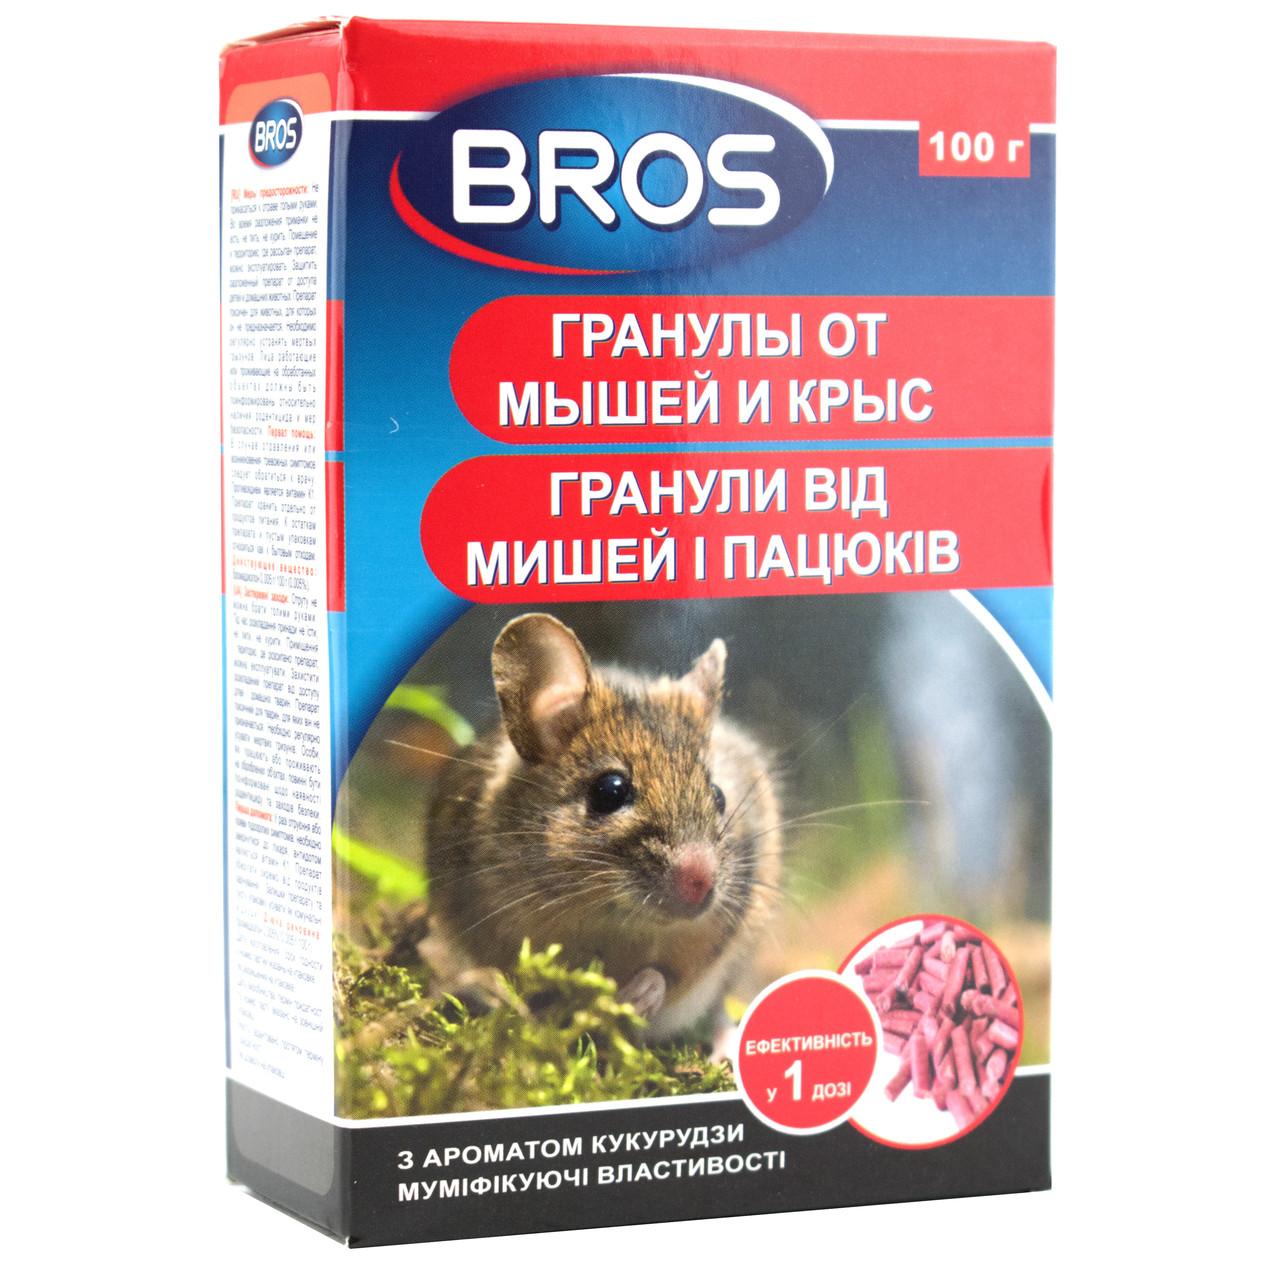 Гранулы от мышей и крыс Bros 100 г